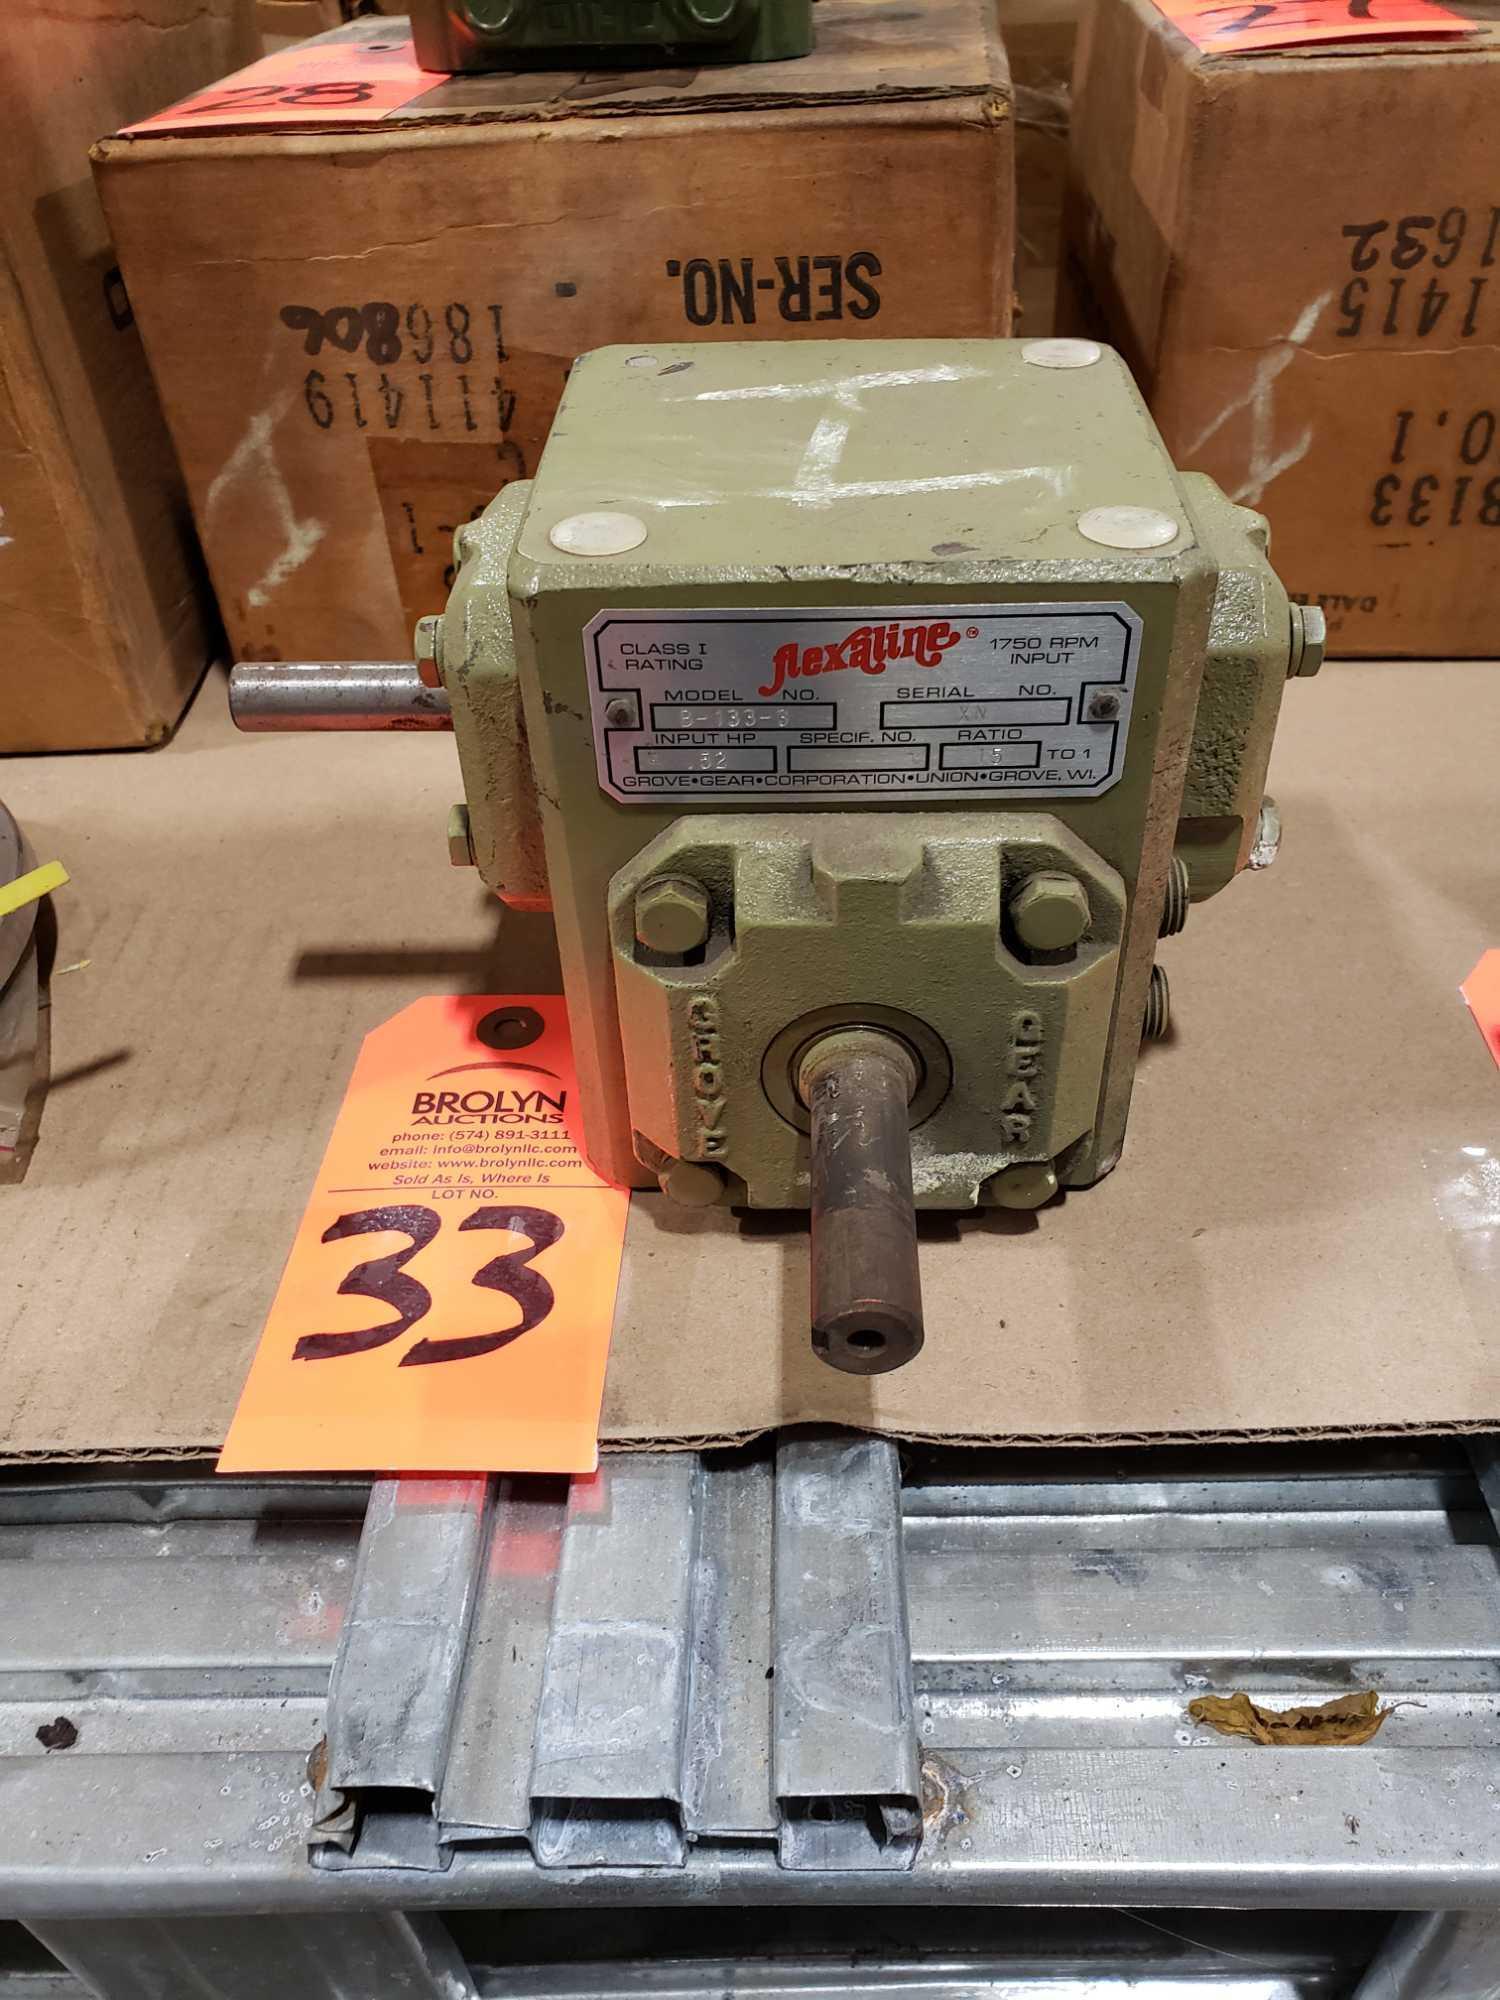 Lot 33 - Grove Gear Flexaline mdoel B-133-3 gearbox. Ratio 15:1. Appears unused with storage wear.